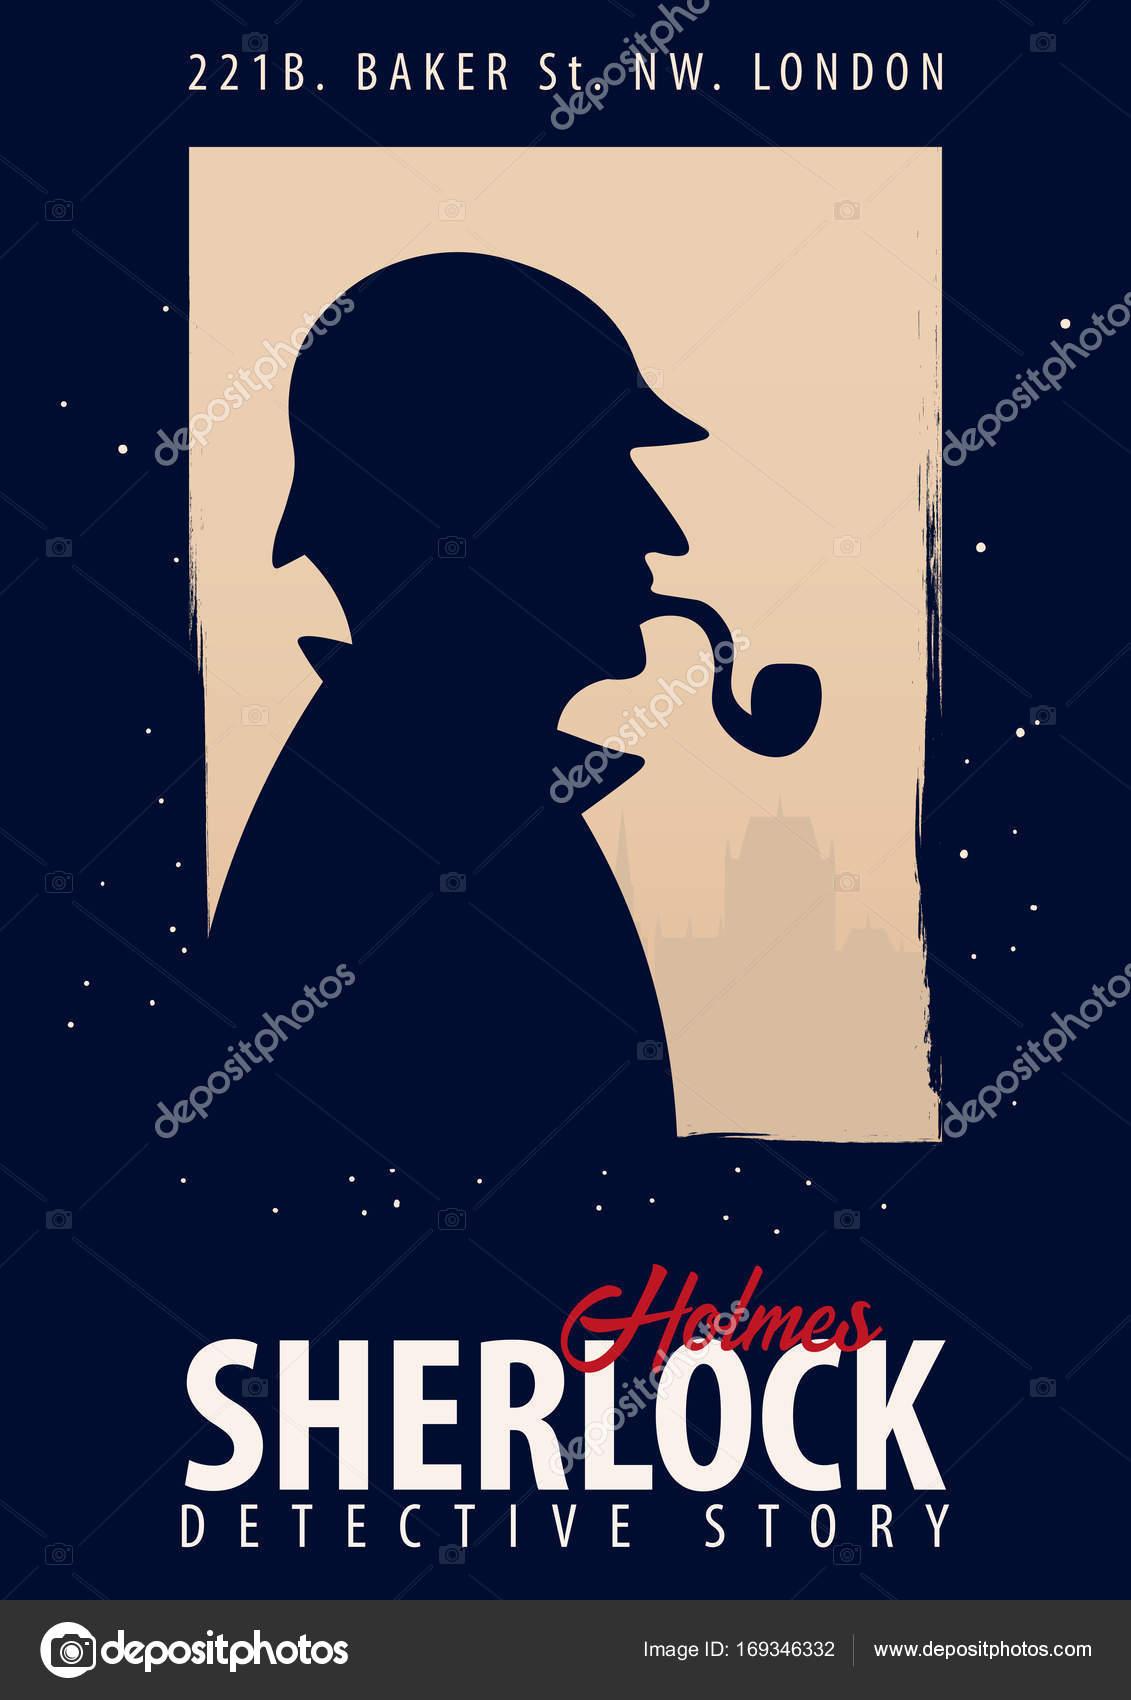 シャーロック ホームズのポスター探偵の図シャーロック